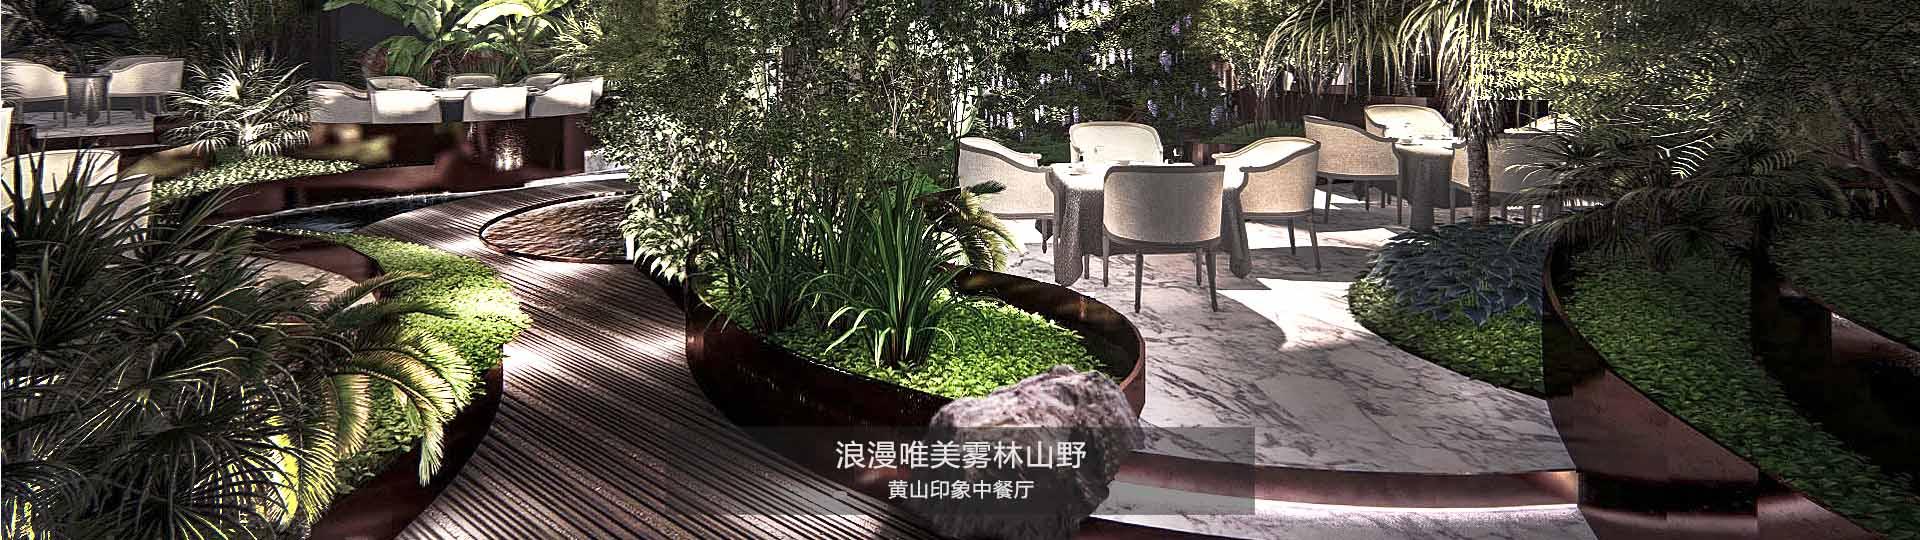 生态餐厅设计-黄山印象中餐厅